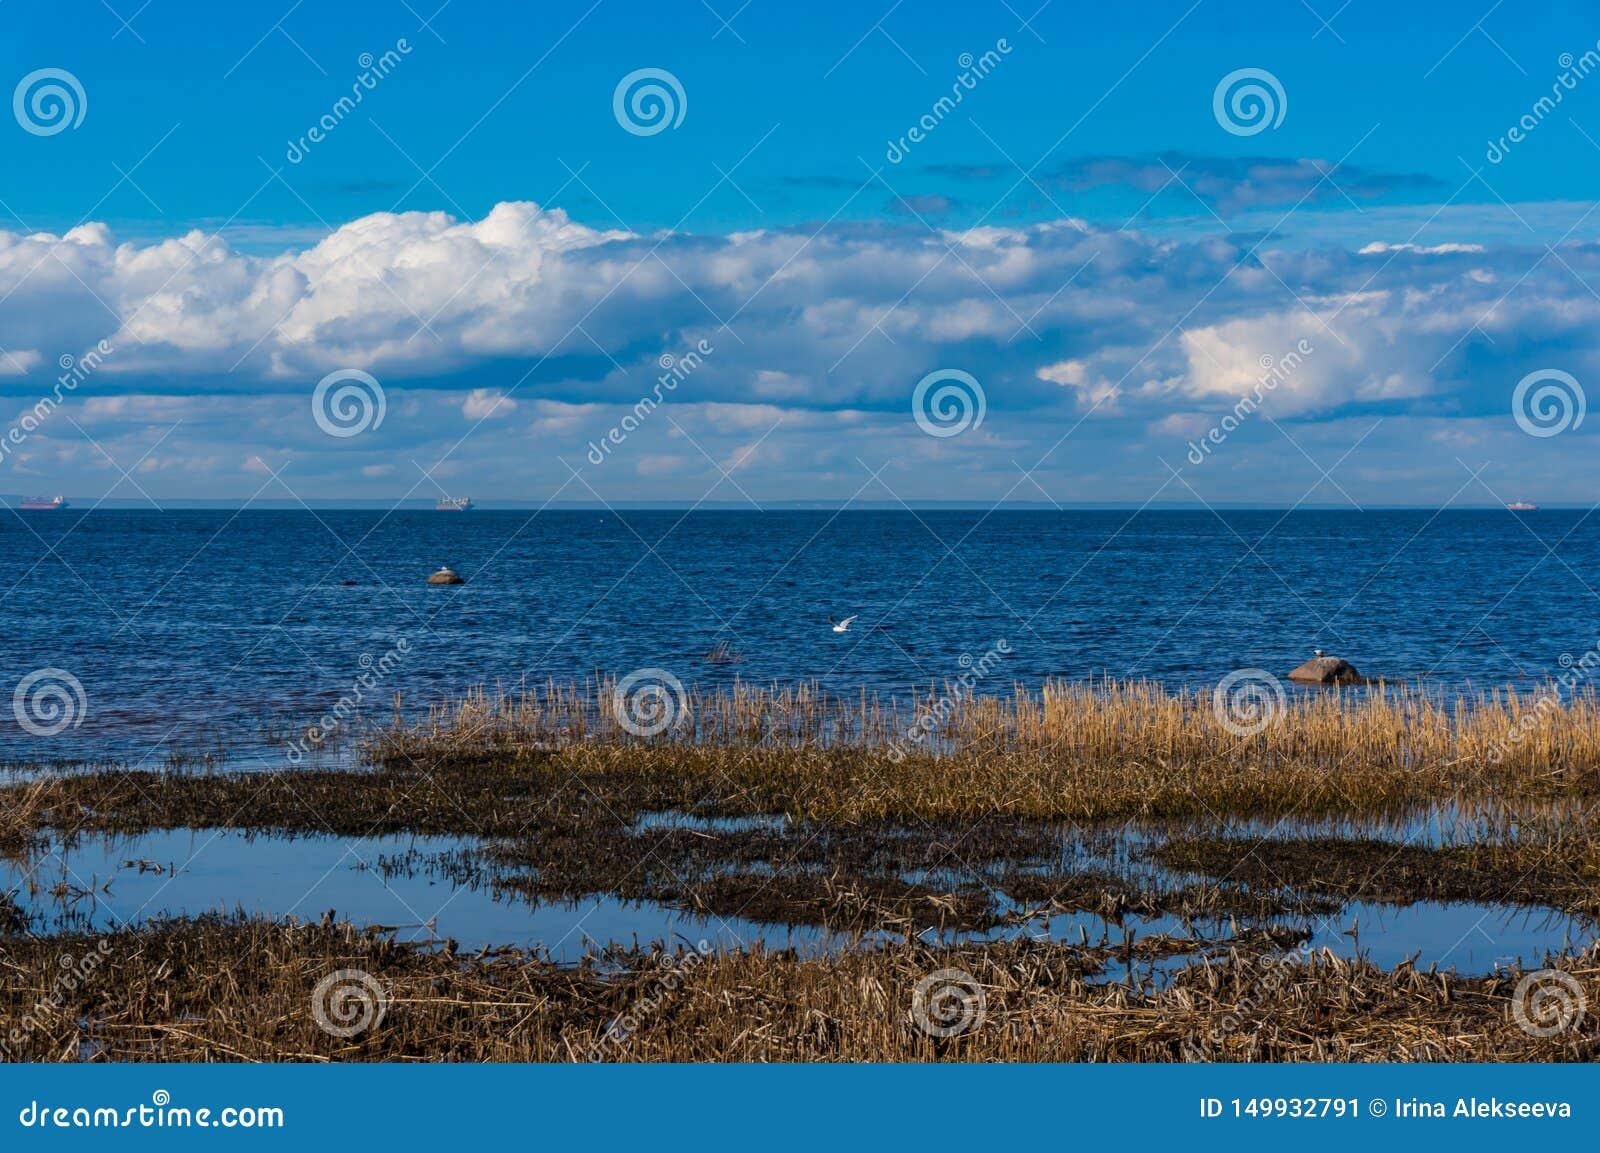 Auf dem Ufer des Finnischen Meerbusens im Vorfrühling an einem klaren sonnigen Tag Frühling auf der Bucht Südküste des Finnischen